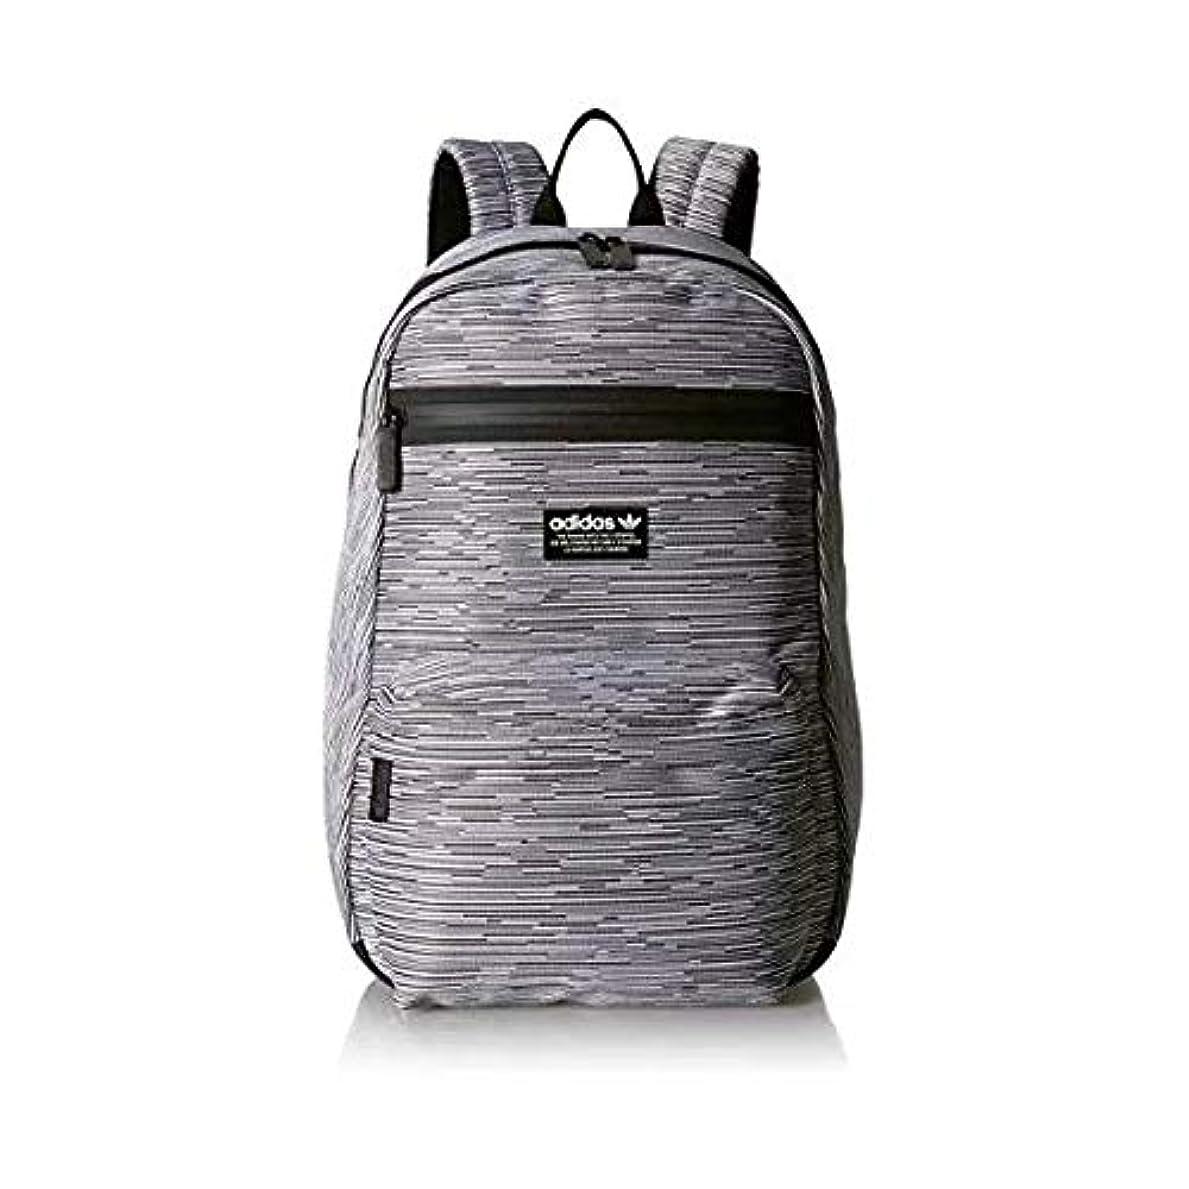 奨励します定説振るadidas アディダス オリジナルス バックパック リュック 白 黒 青 Originals National Primeknit Backpack BAG CJ6401 [並行輸入品]